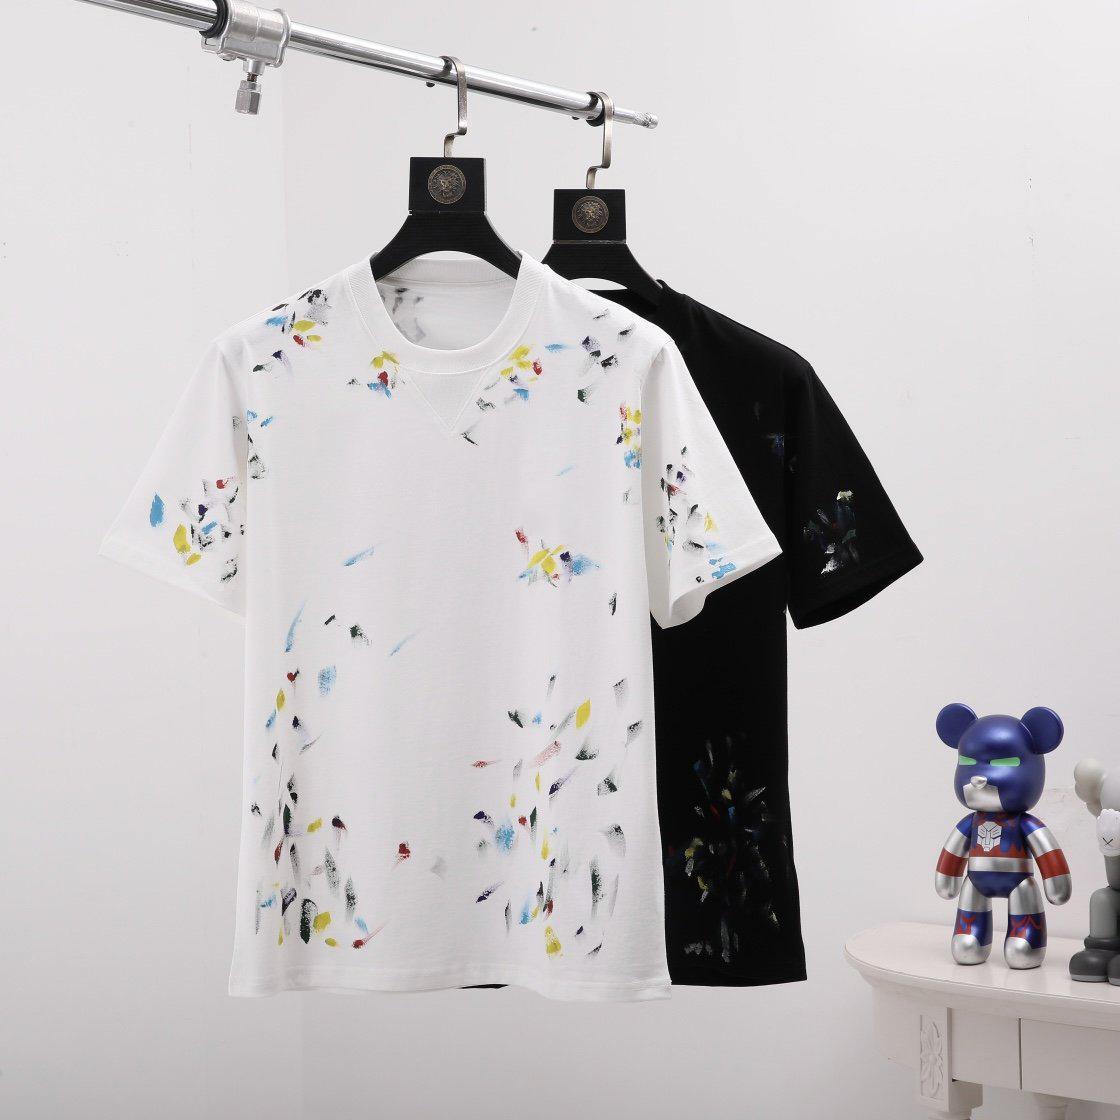 2021 Fransız Paris Yağı Renk Fırça Baskı Bahar Ve Yaz Yeni T-shirt Erkekler Ve Kadın Stilleri Beyaz Yabani Rahat Pamuk Kısa Kollu Tişört